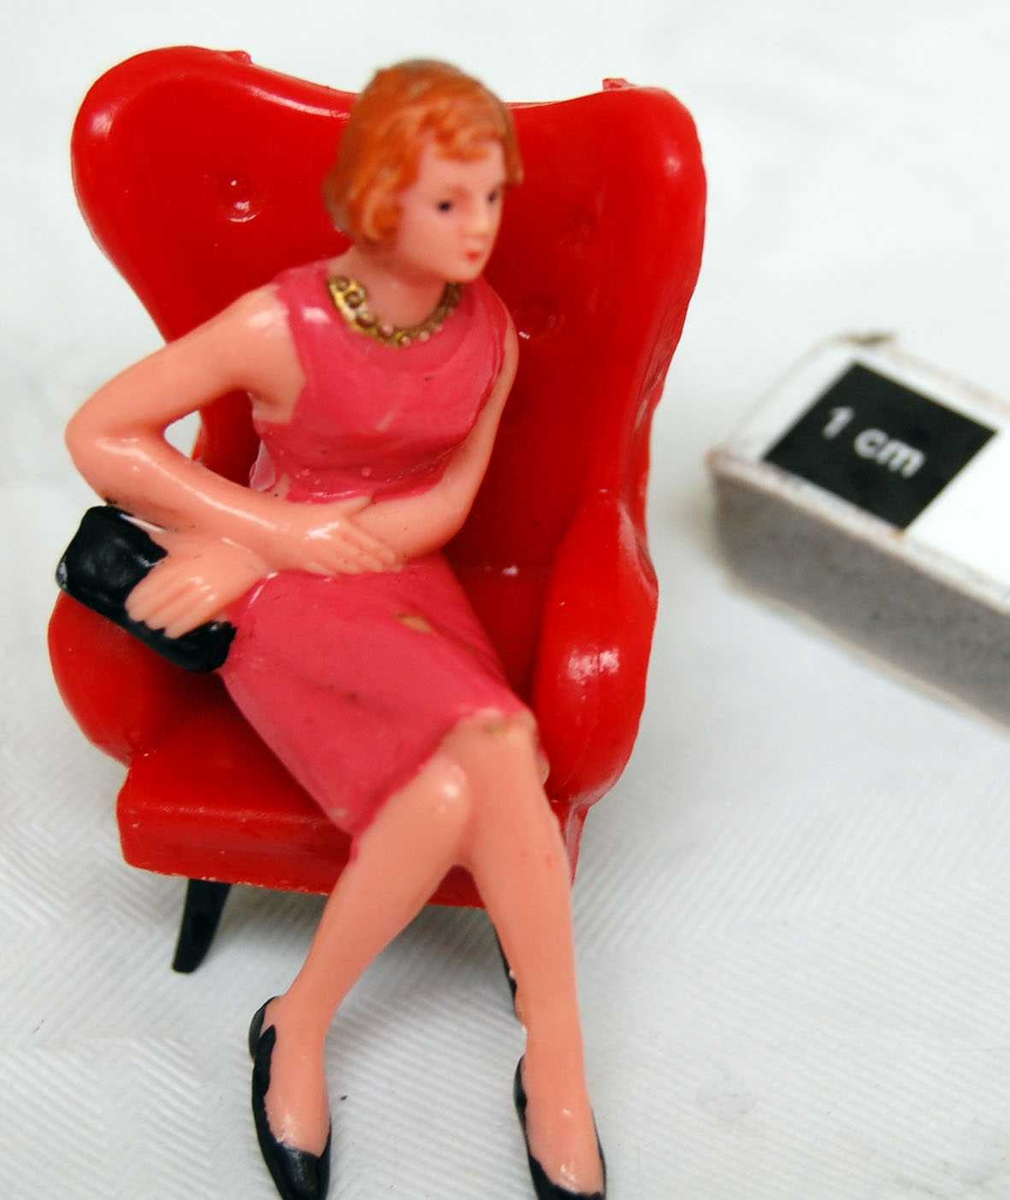 Sett med sofa og 2 lenstoler, sittende  kvinne og mann. Stolene i rødt med svart understell. Figurene er malt. Kvinnen har knekort kjole uten ermer, og håndveske. Mannen langbukser skjorte og vest.